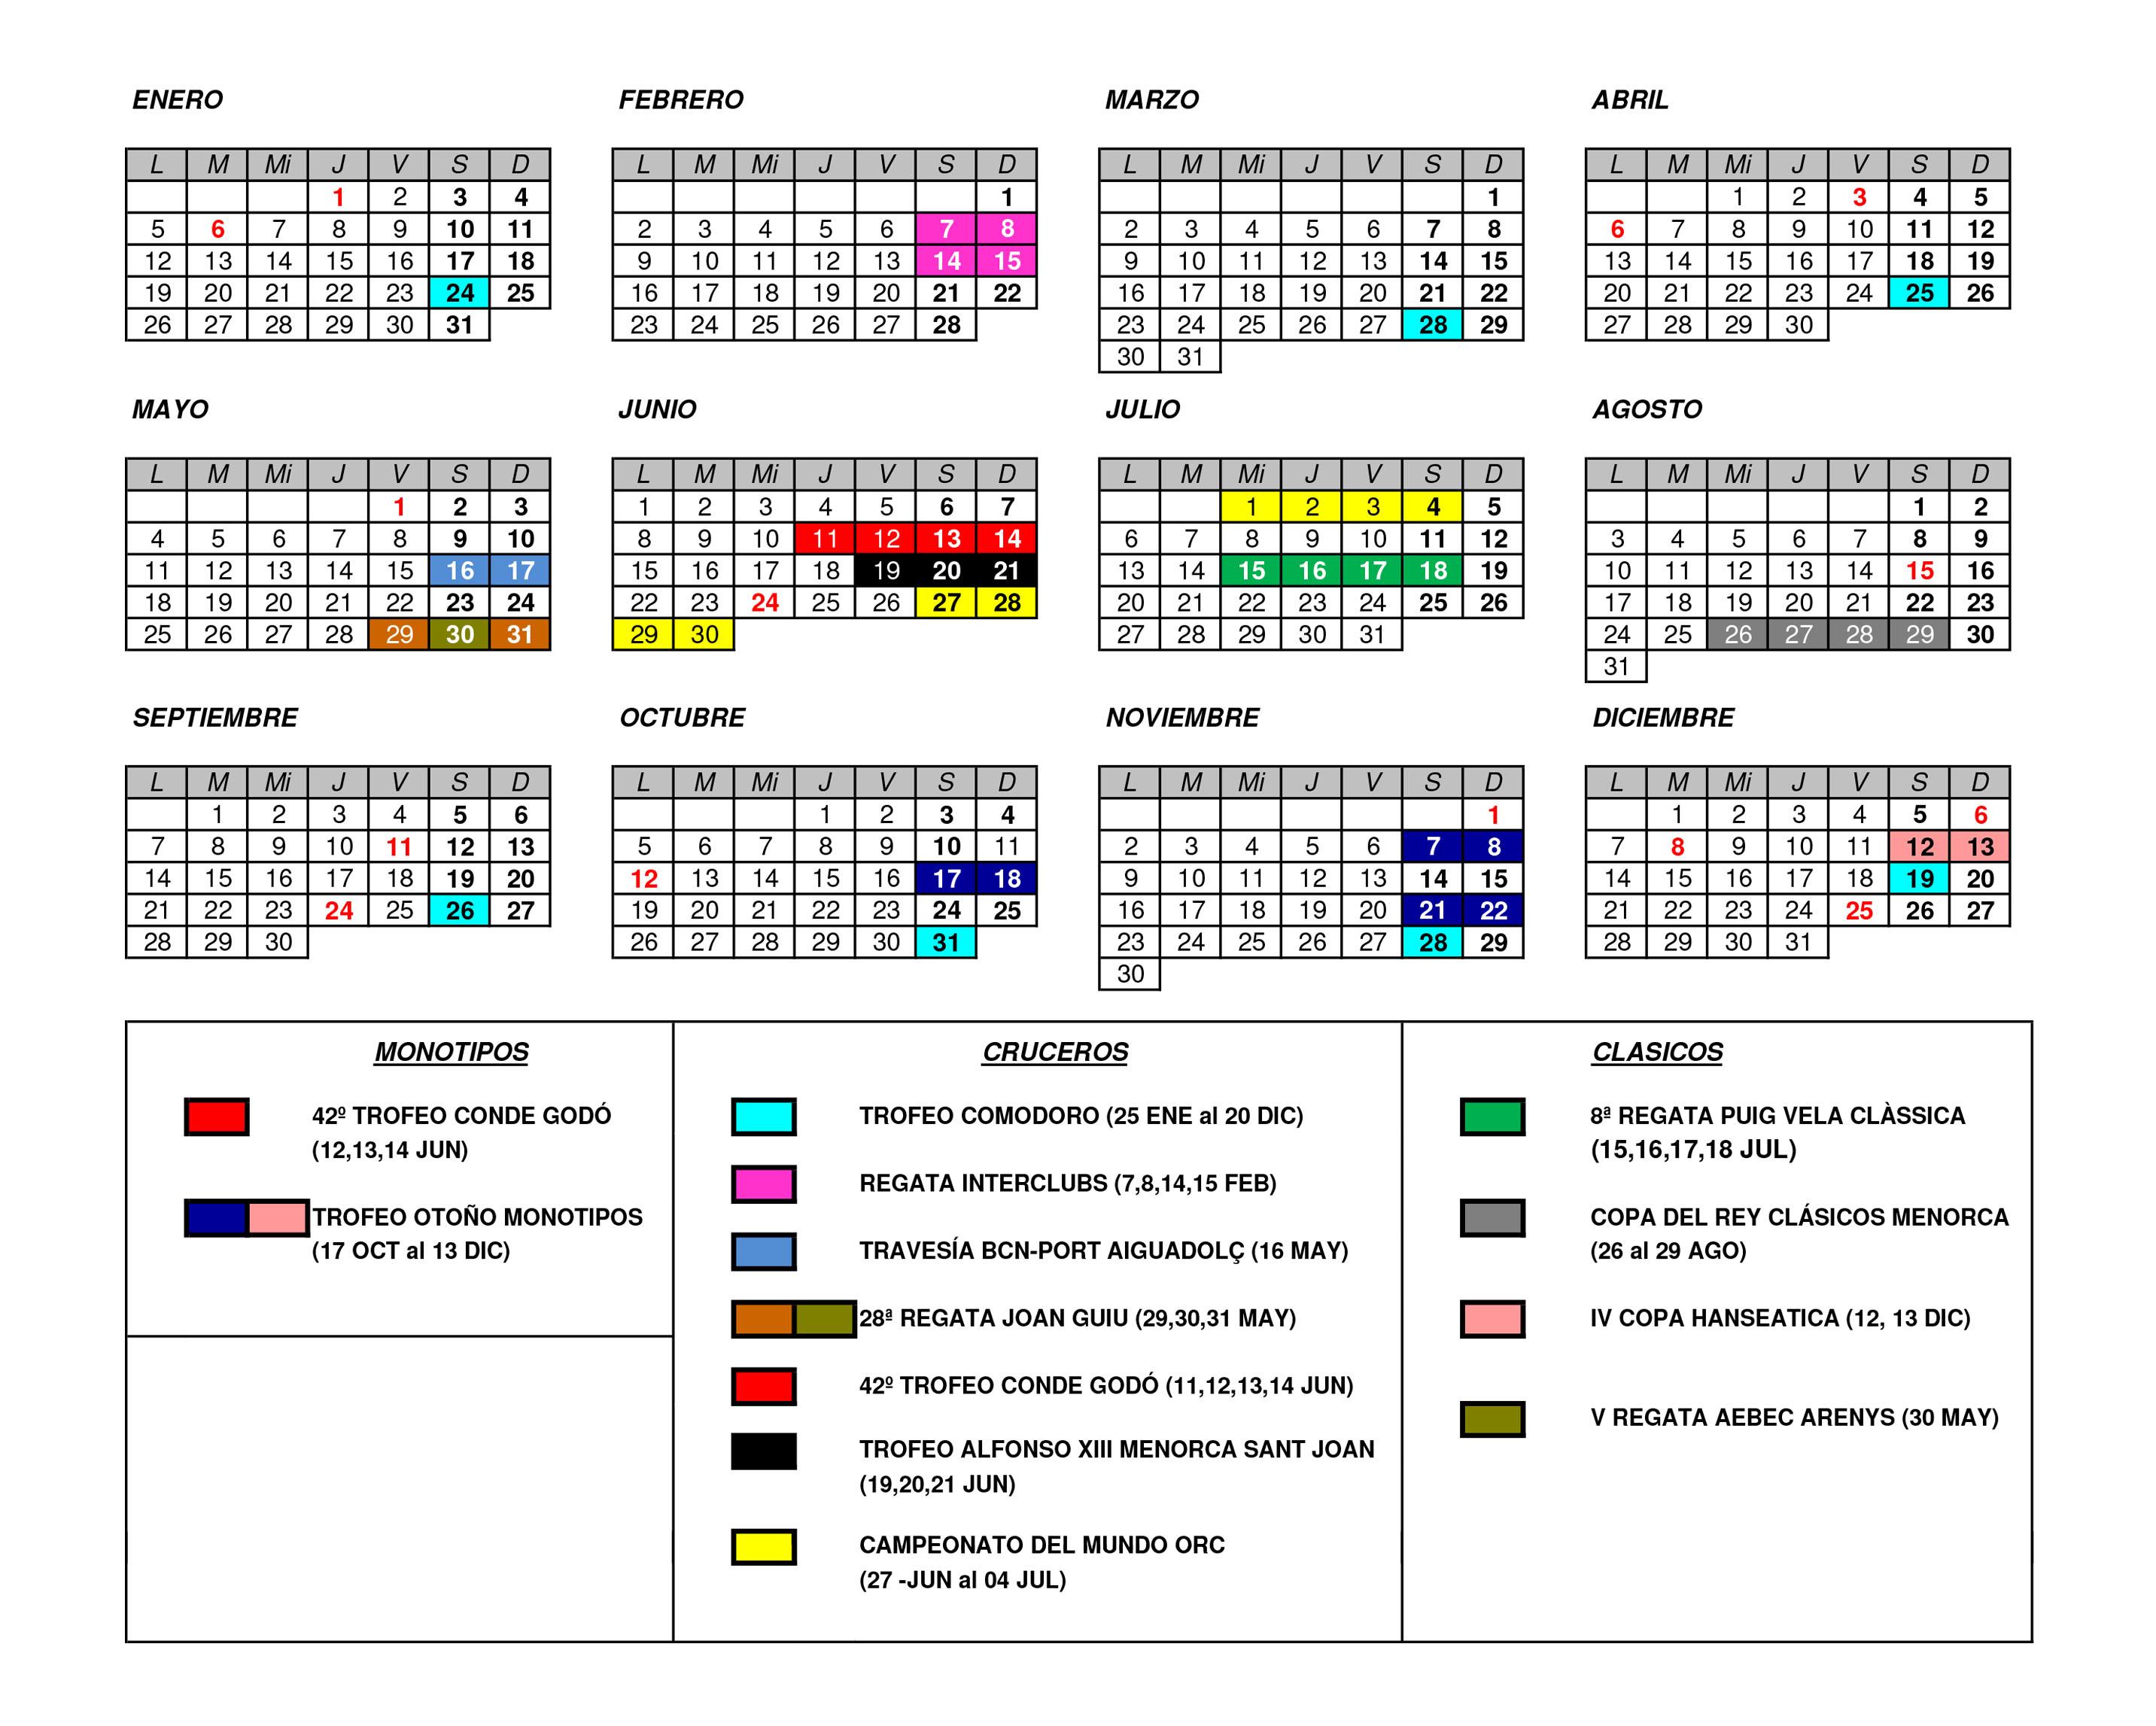 Calendario regatas RCNB 2015 (v3).xls